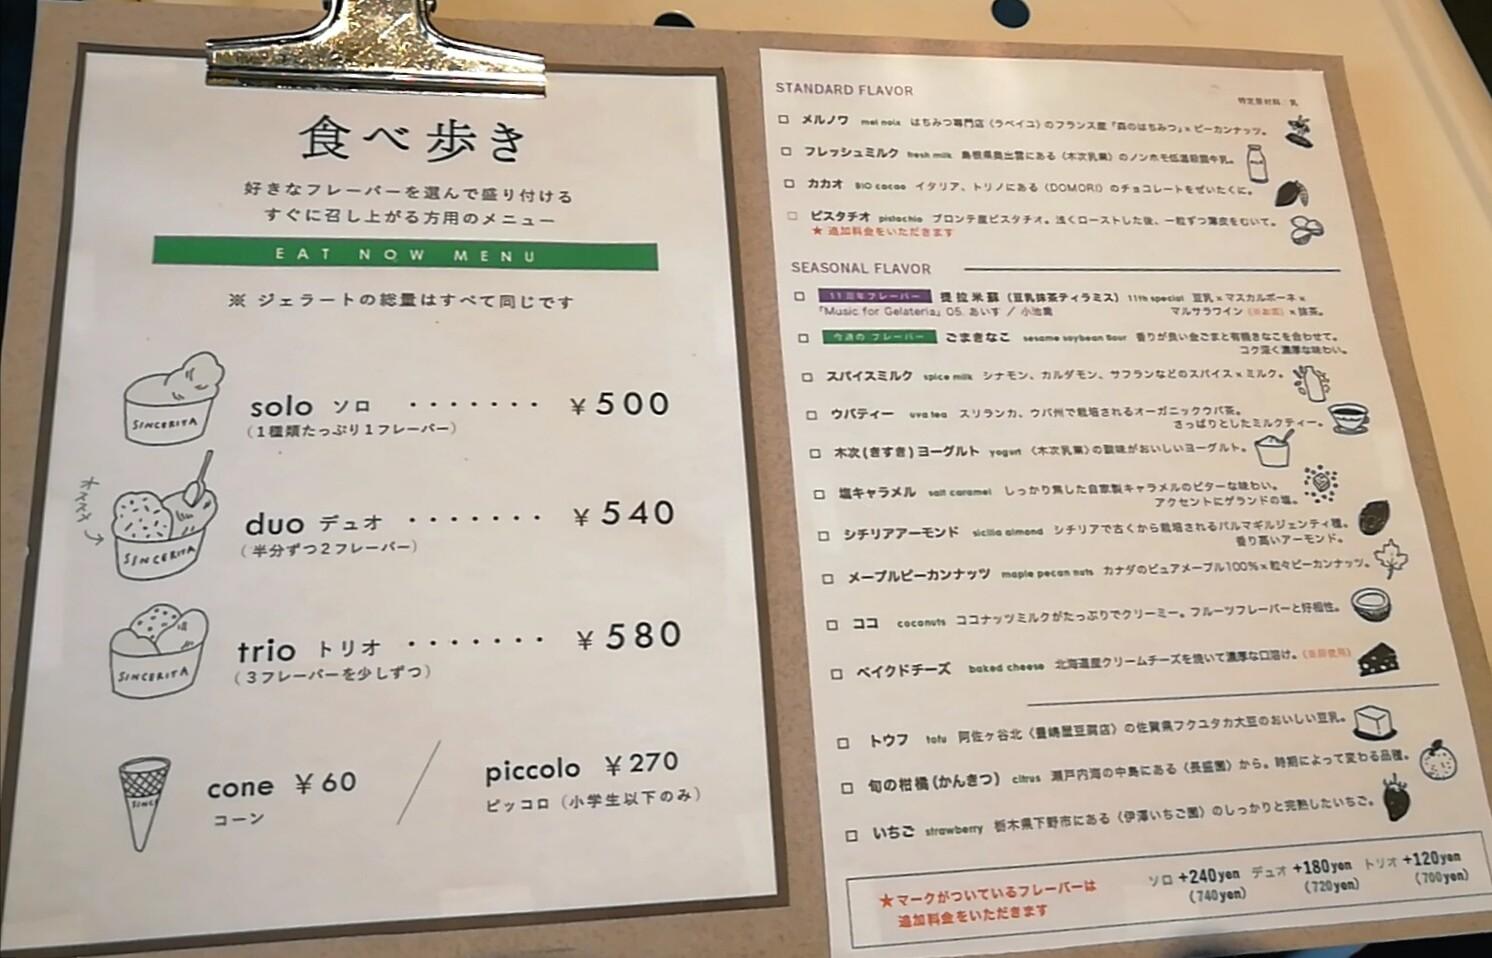 星野みなみの食べた阿佐ヶ谷のジェラート屋はどこ?メニューや値段と評判も調査!